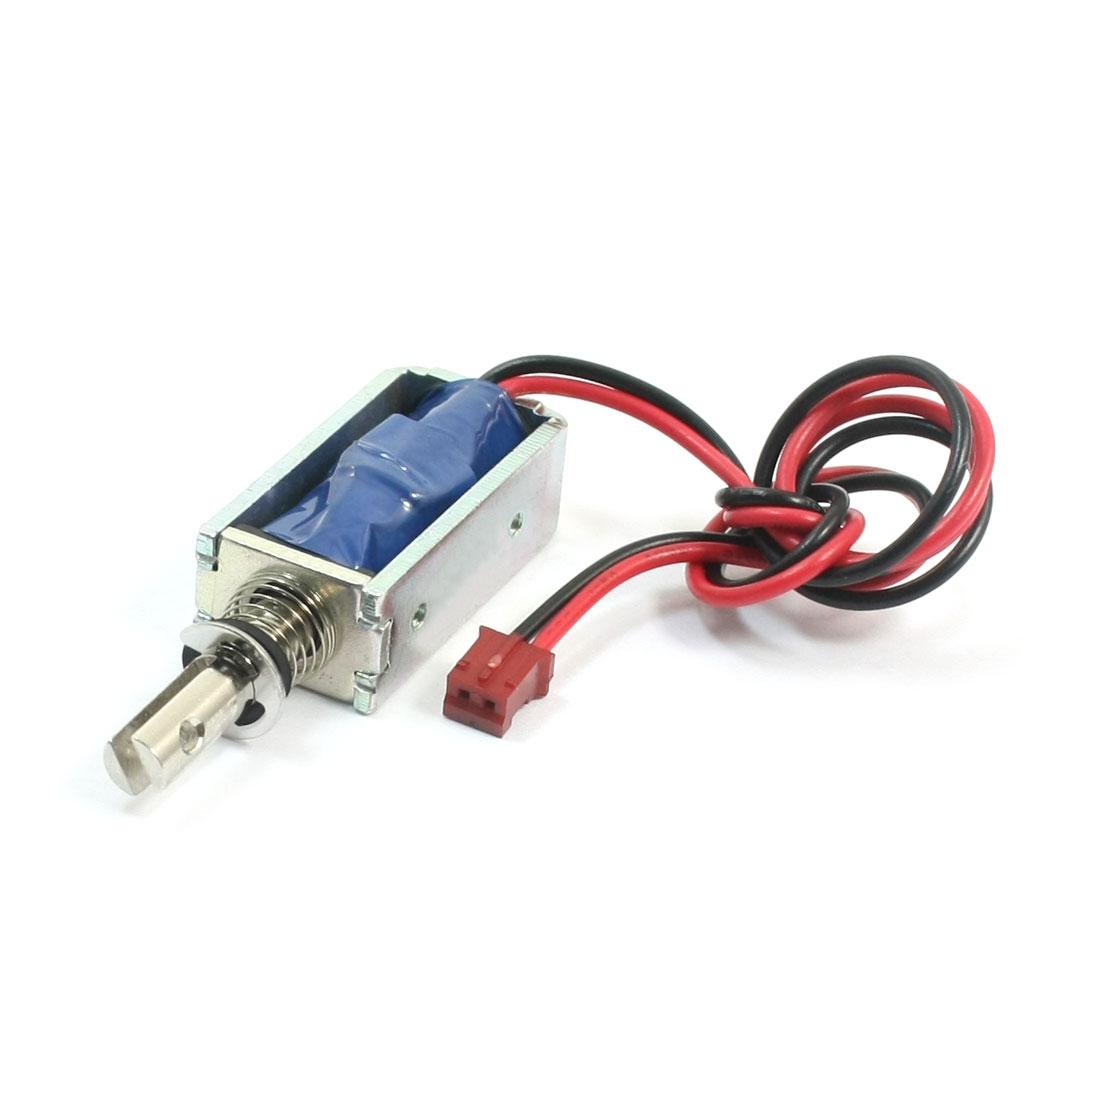 5V 1.11A 2mm 120g 5mm 25g Pull Type Open Frame Spring Plunger DC Solenoid Electromagnet